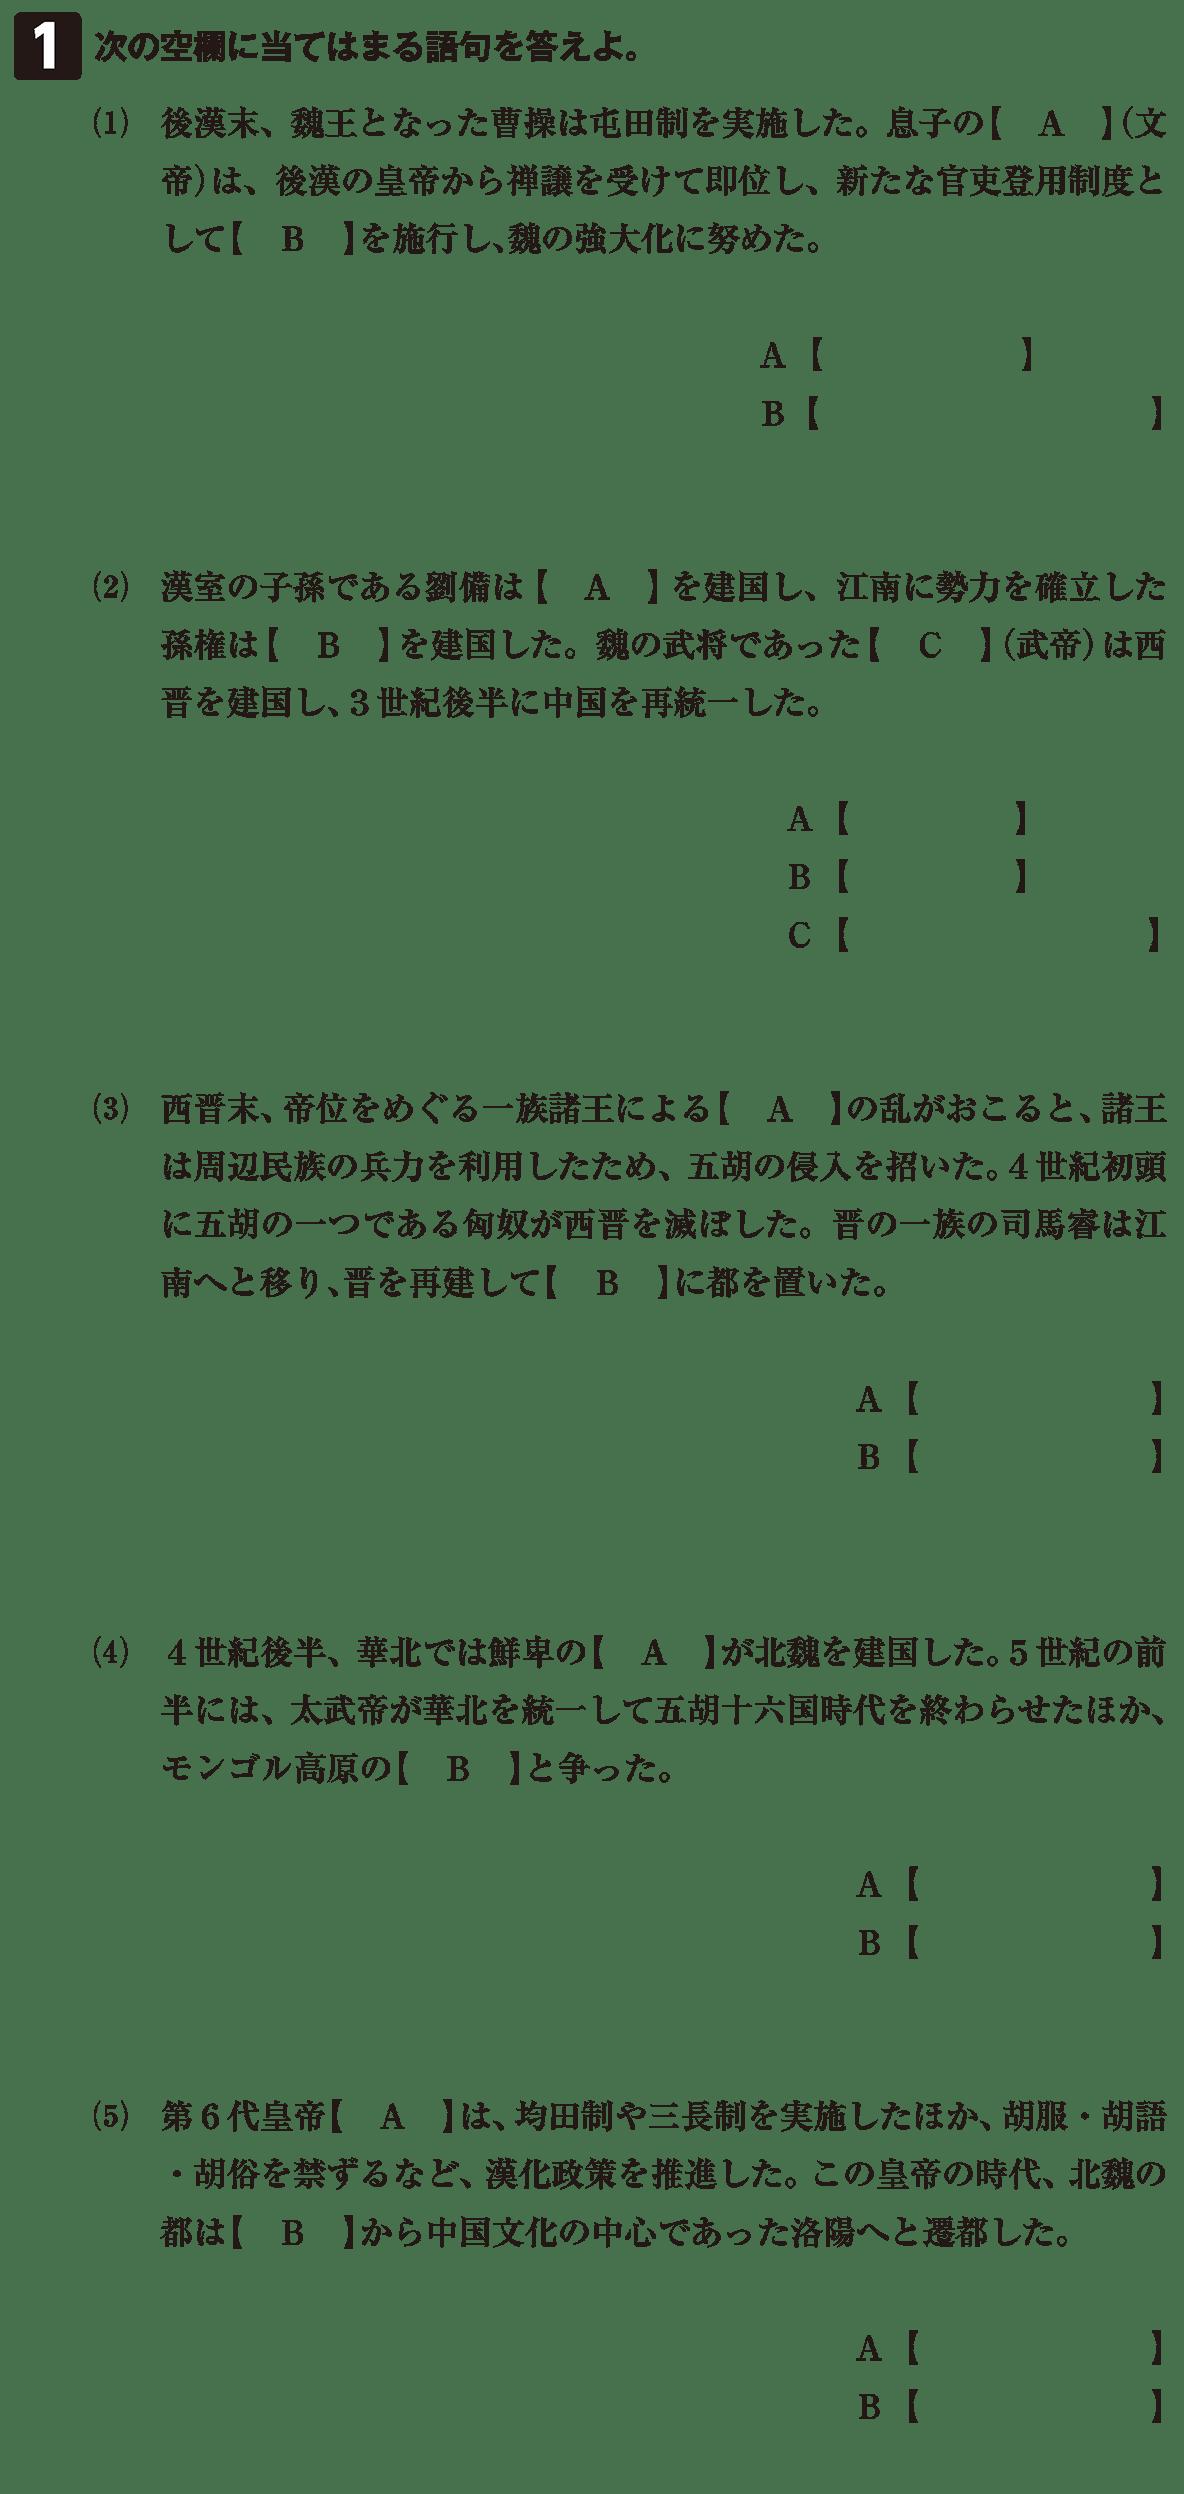 高校世界史 中国の分裂・混乱期4 確認テスト(前半)